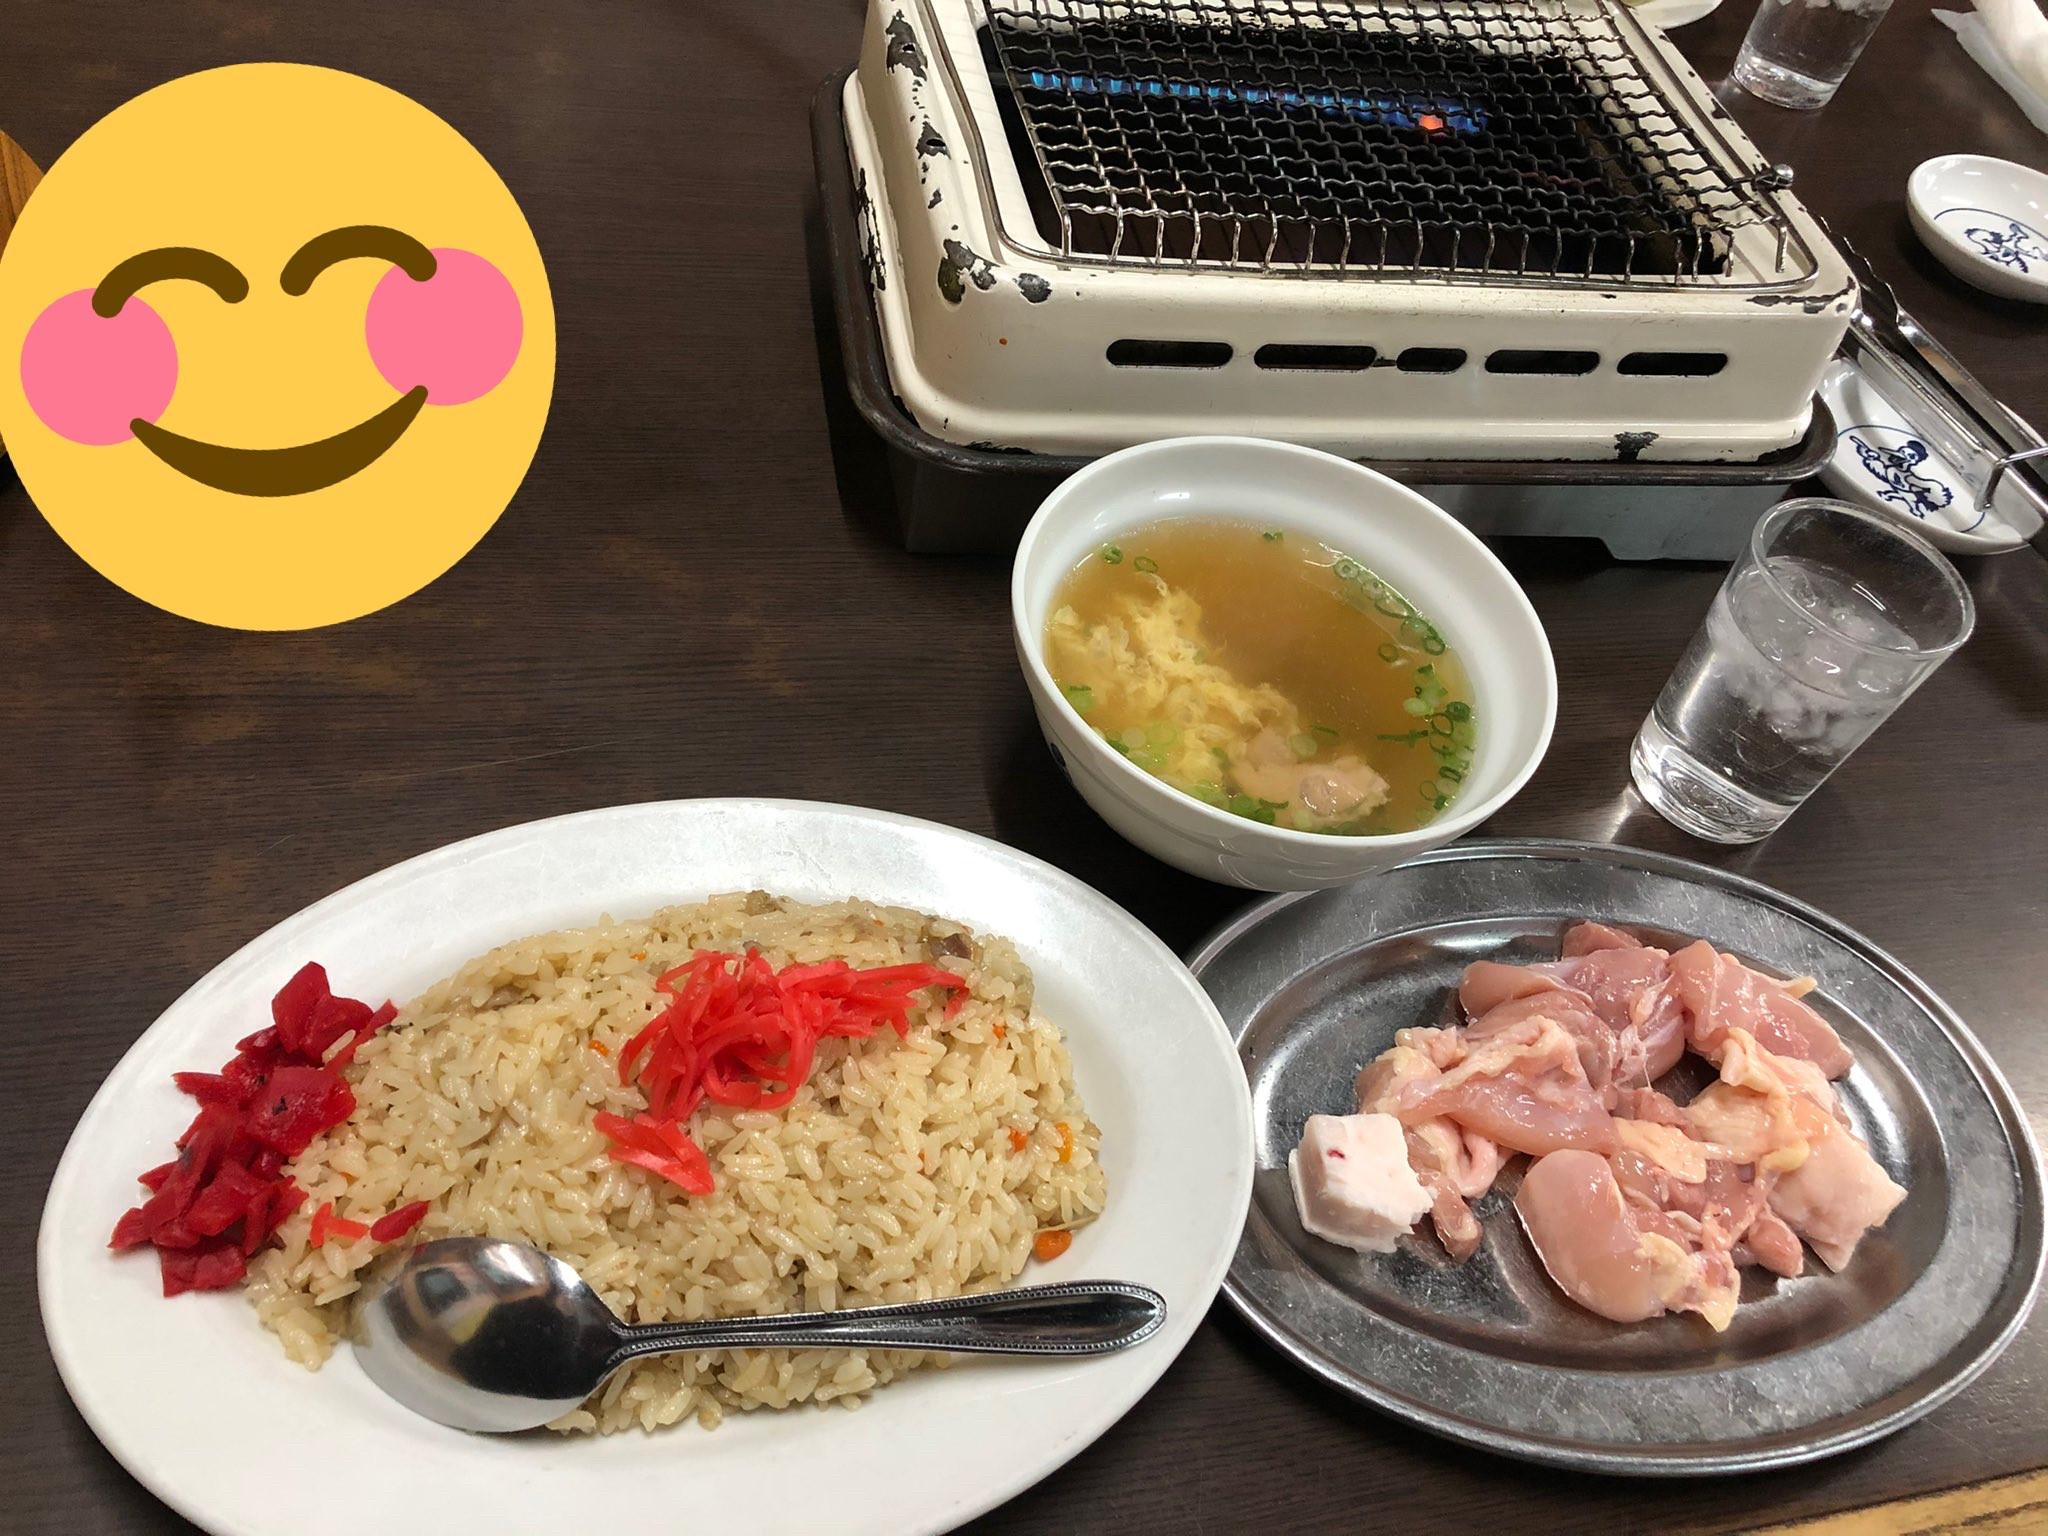 【画像】近所の飯屋の焼鳥チャーハン定食(750円)